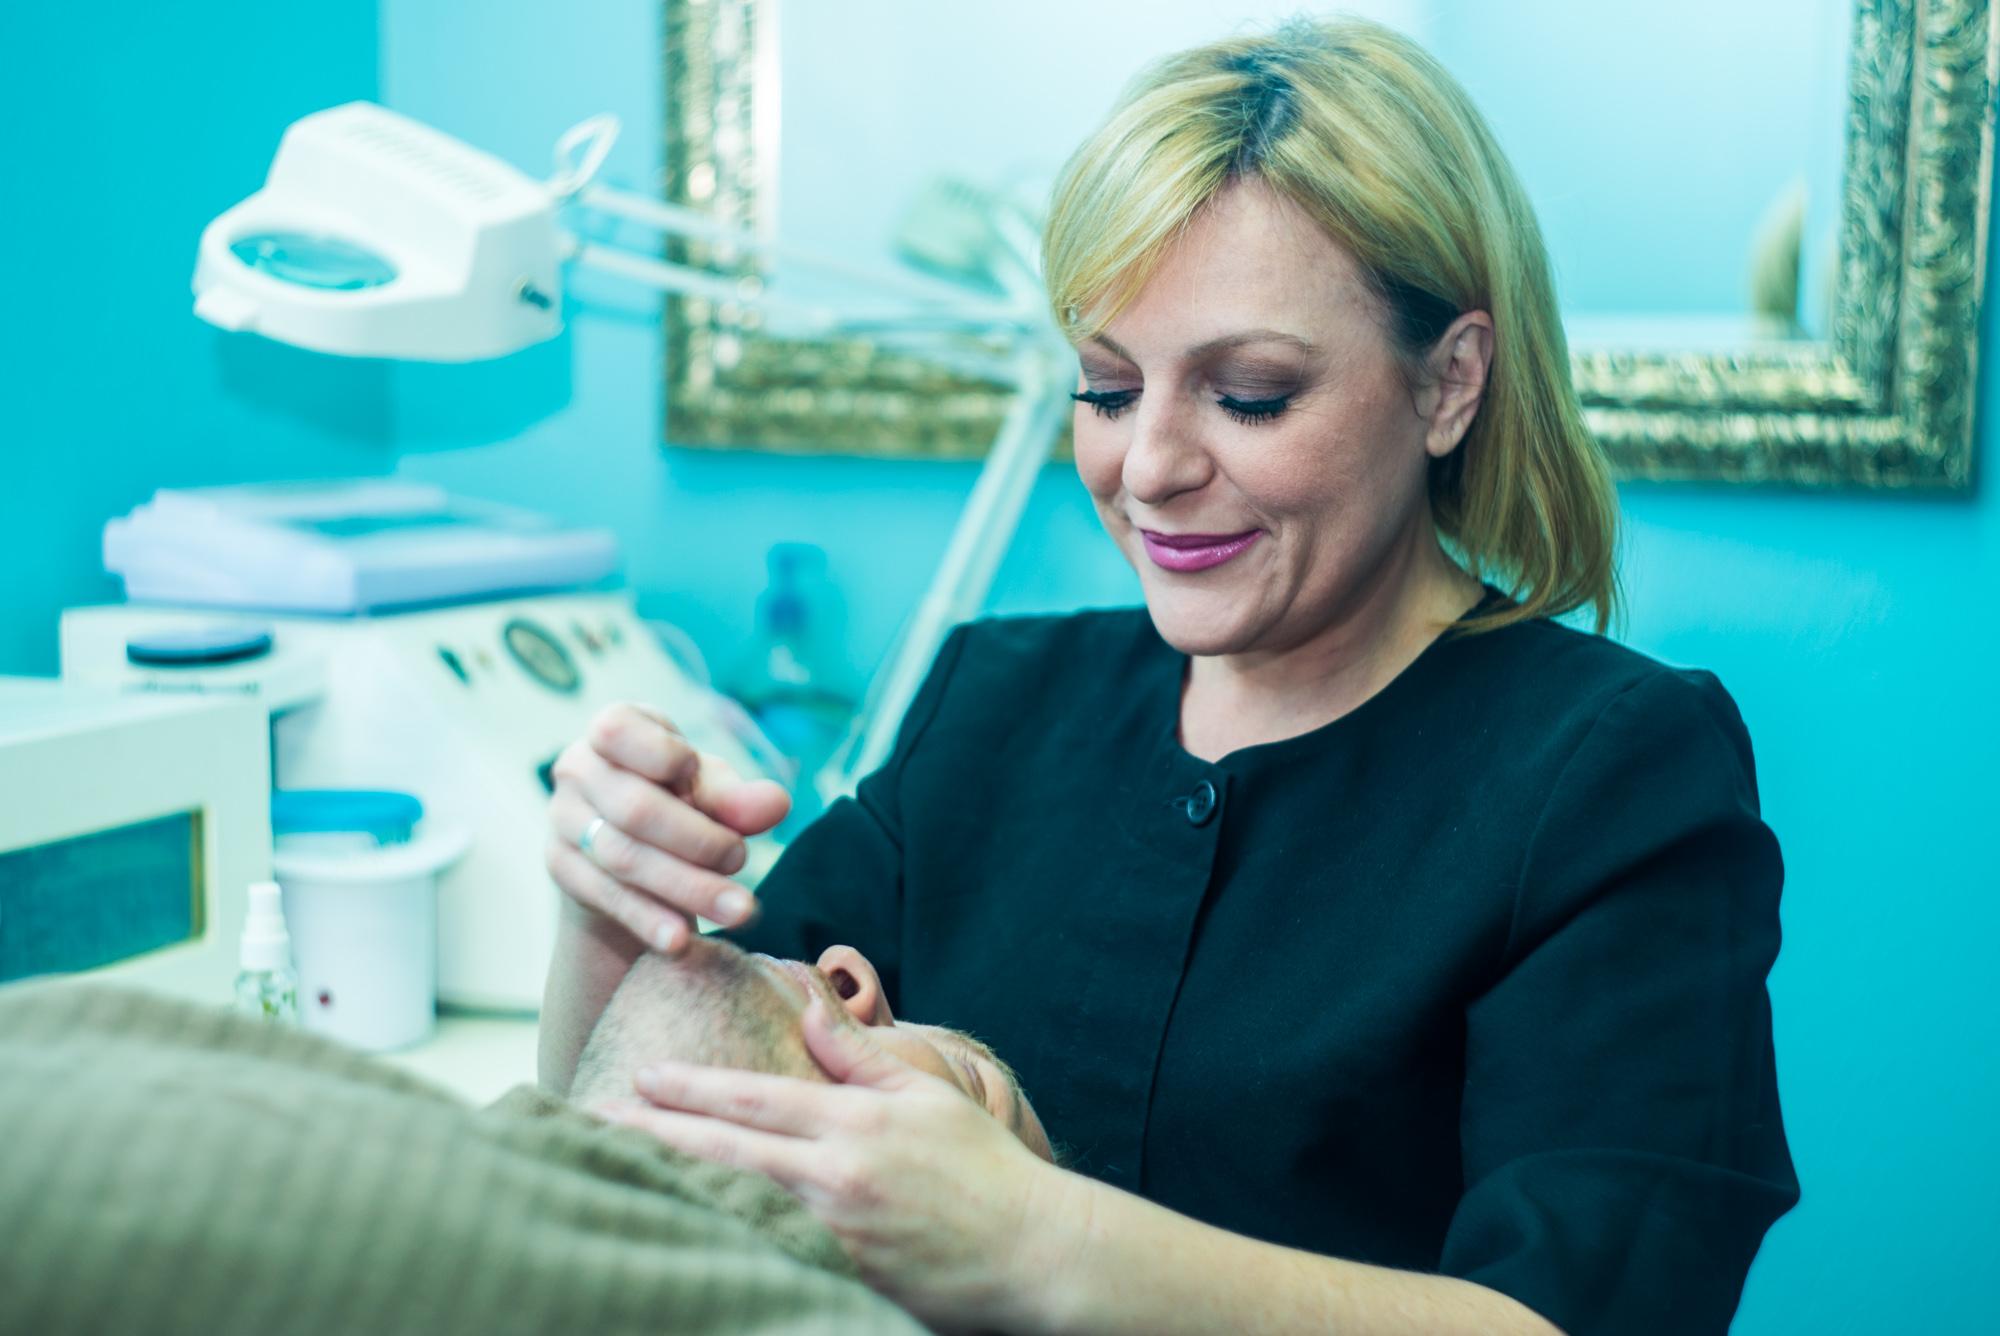 Facials, Peels, Waxing, Micro-blading, and Eyelash Extensions